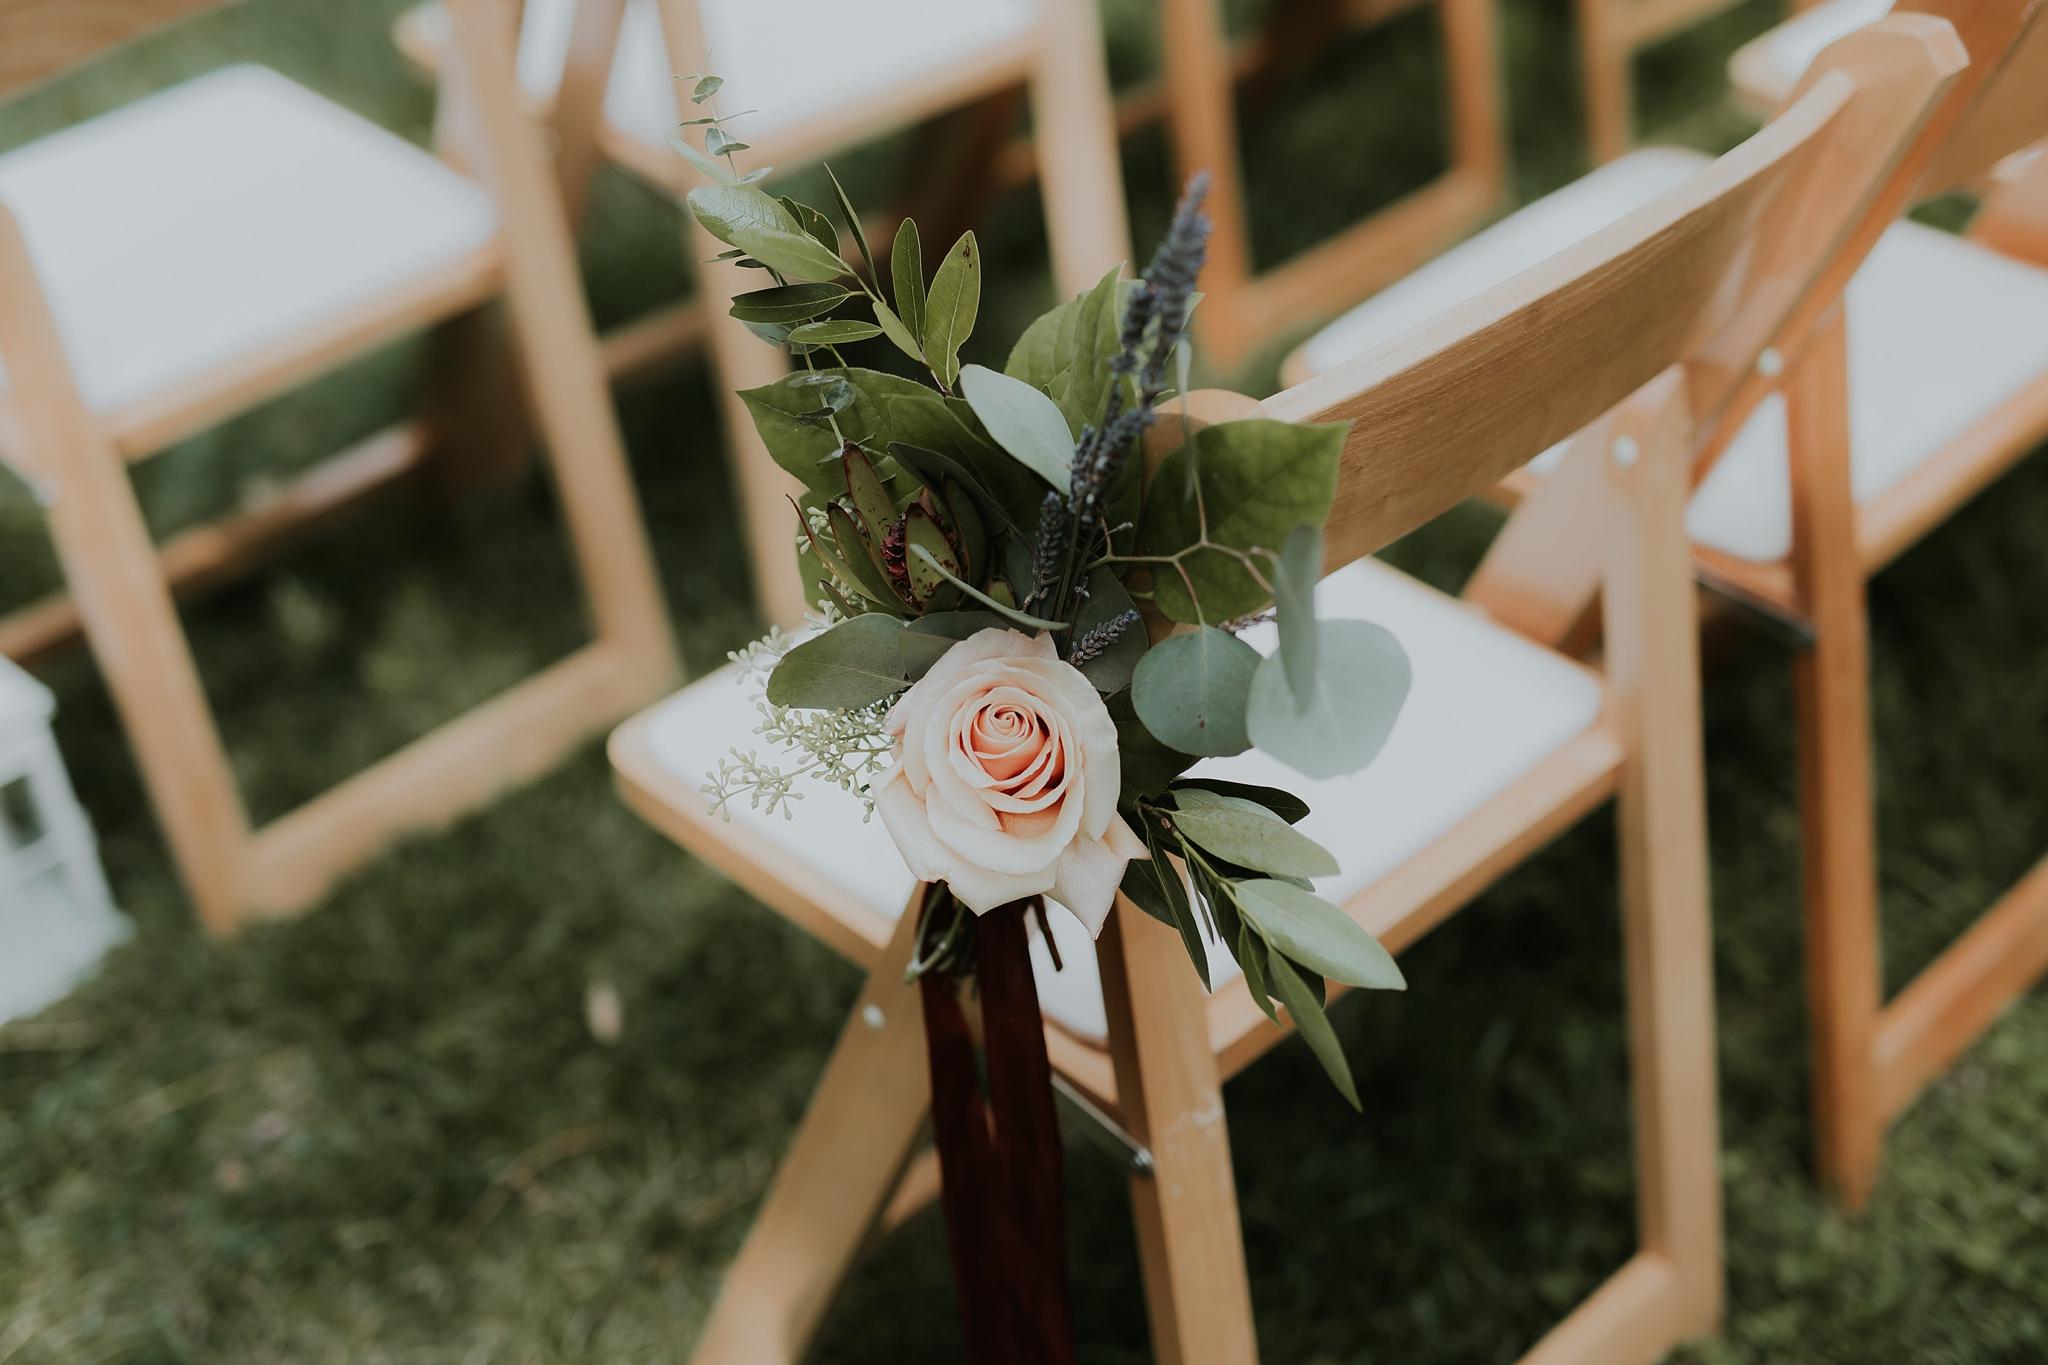 Alicia+lucia+photography+-+albuquerque+wedding+photographer+-+santa+fe+wedding+photography+-+new+mexico+wedding+photographer+-+new+mexico+wedding+-+new+mexico+florist+-+floriography+flowers+-+floriography+flowers+new+mexico+-+wedding+florist_0080.jpg